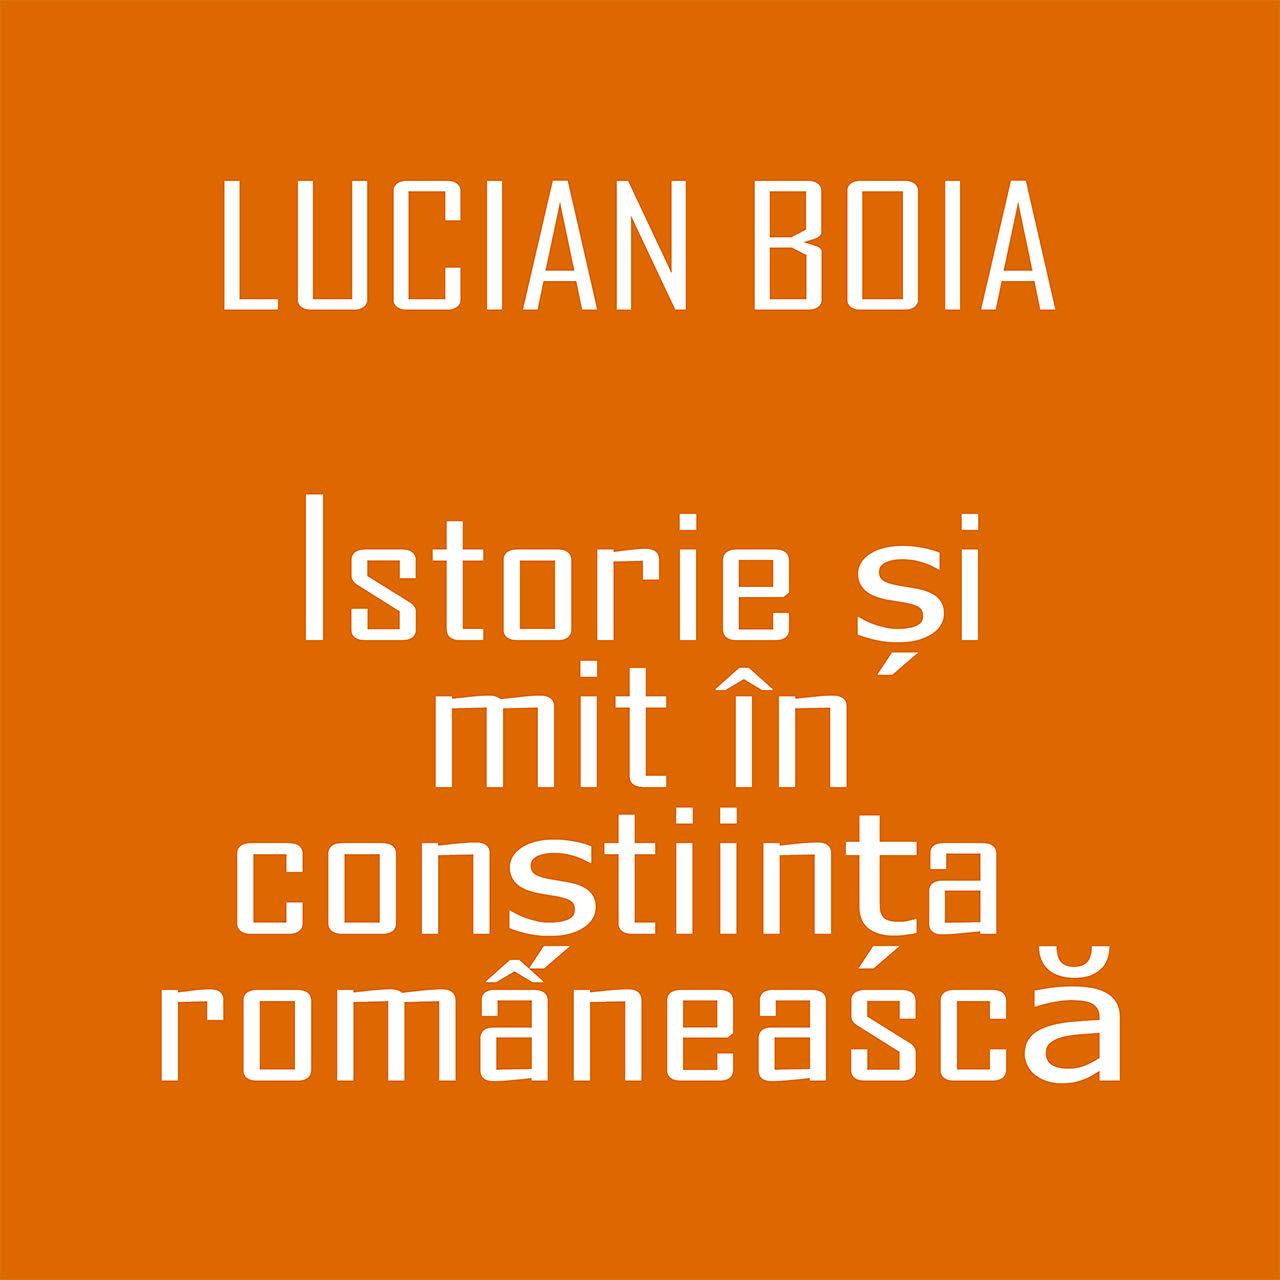 Decostruzionismo/Antidecostruzionismo in Romania